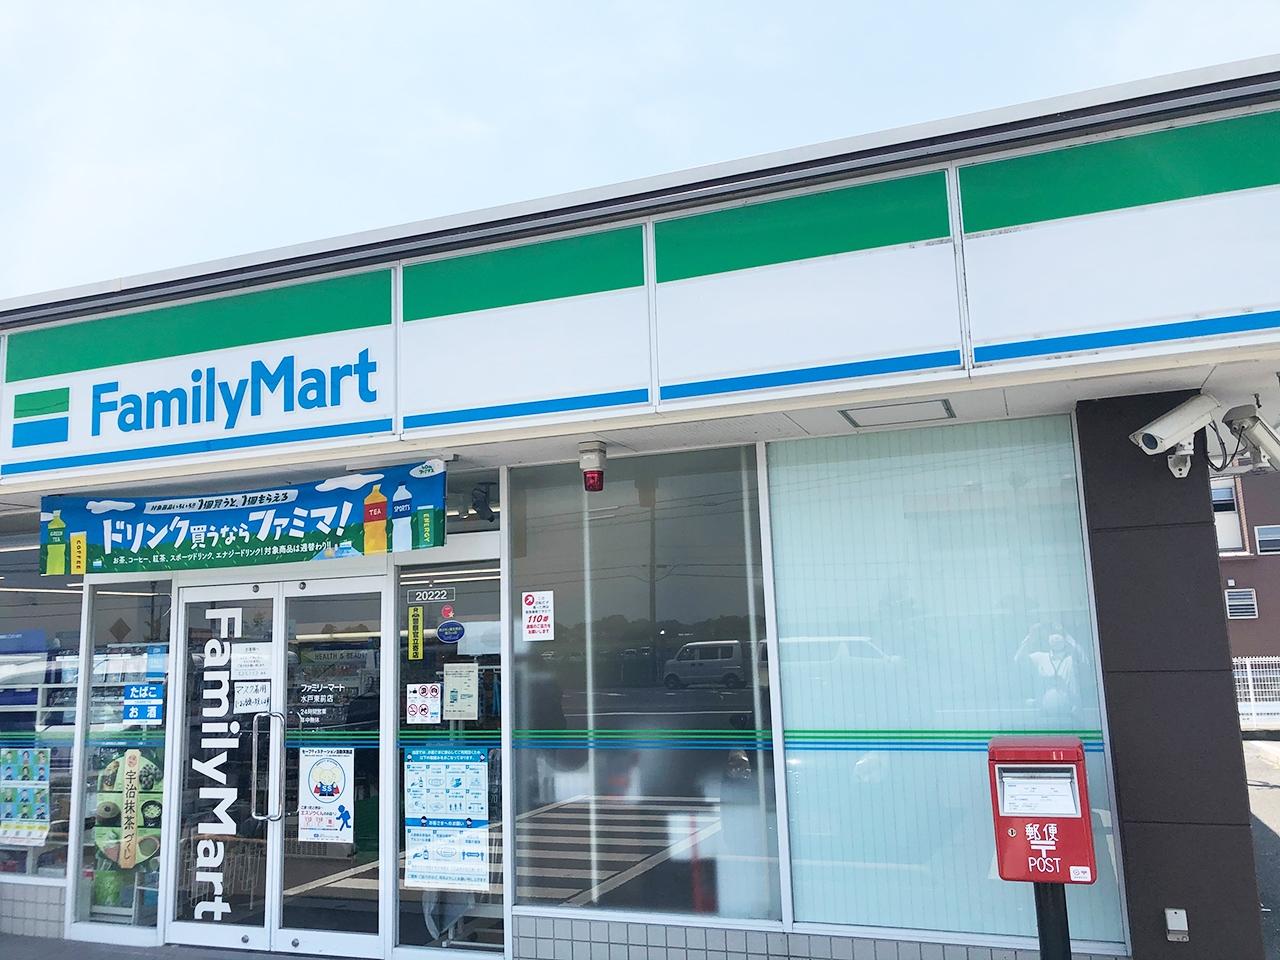 ファミリーマート 水戸東前店